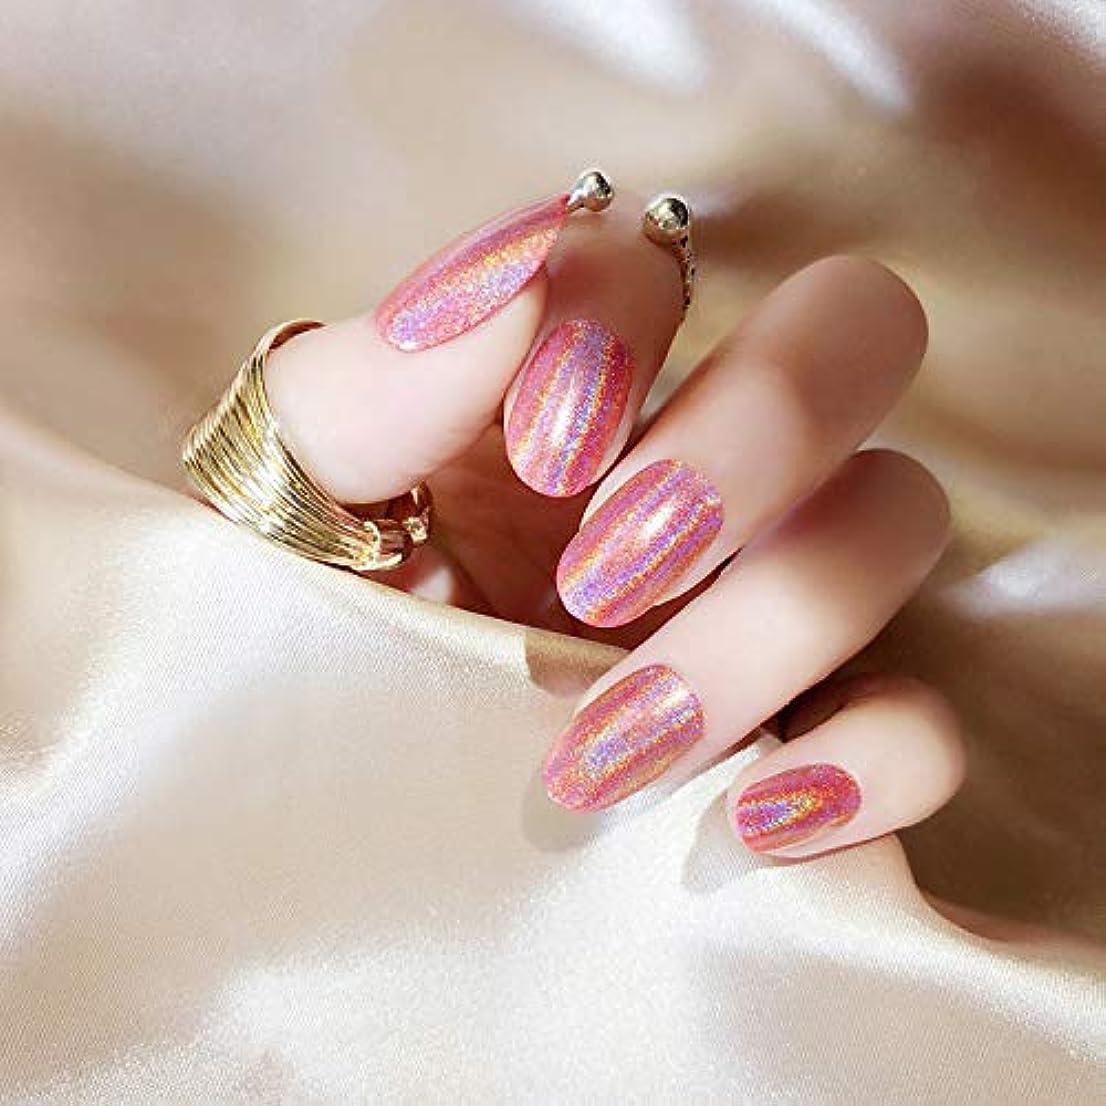 活気づく変なすき質感 彩がつく 24枚純色付け爪 ネイル貼るだけネイルチップ レーザー 多重光沢 お花嫁付け爪 ジェルネイルの光疗法 シンフォニー (桜ピンク)